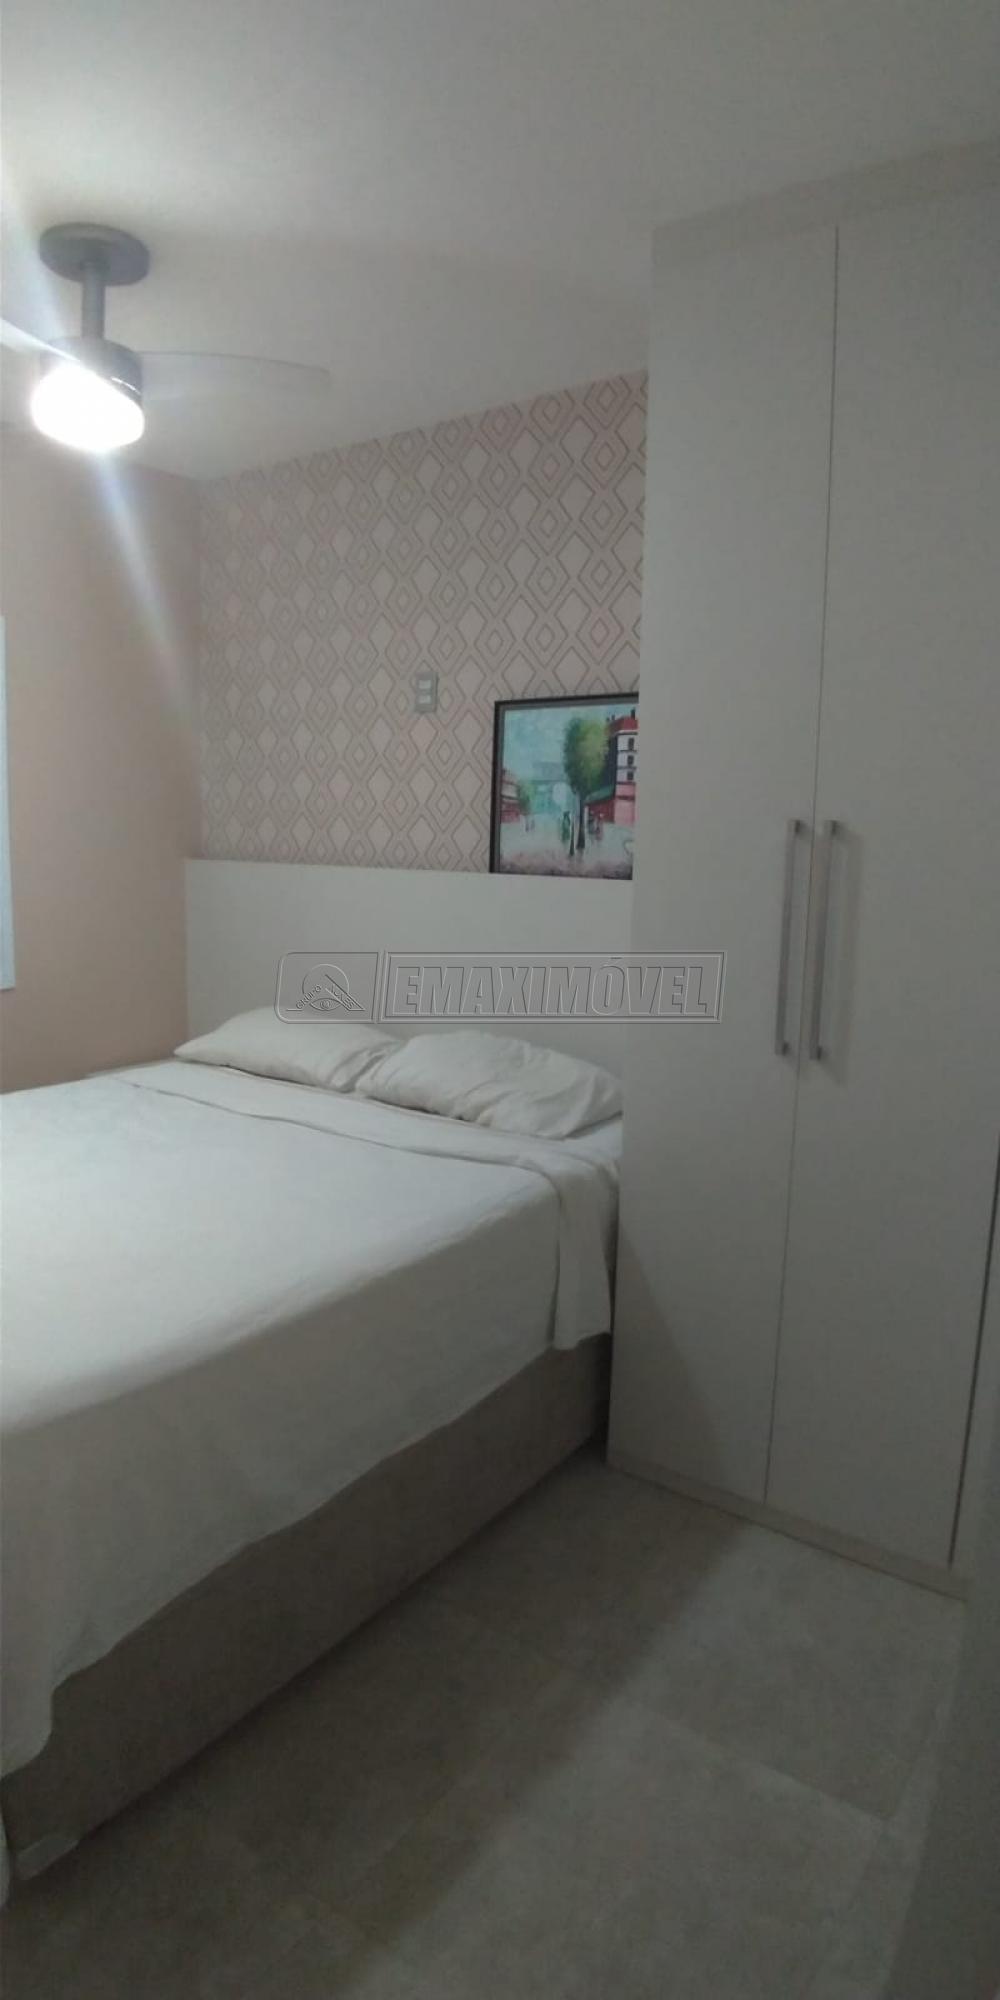 Comprar Apartamento / Padrão em Sorocaba R$ 300.000,00 - Foto 15